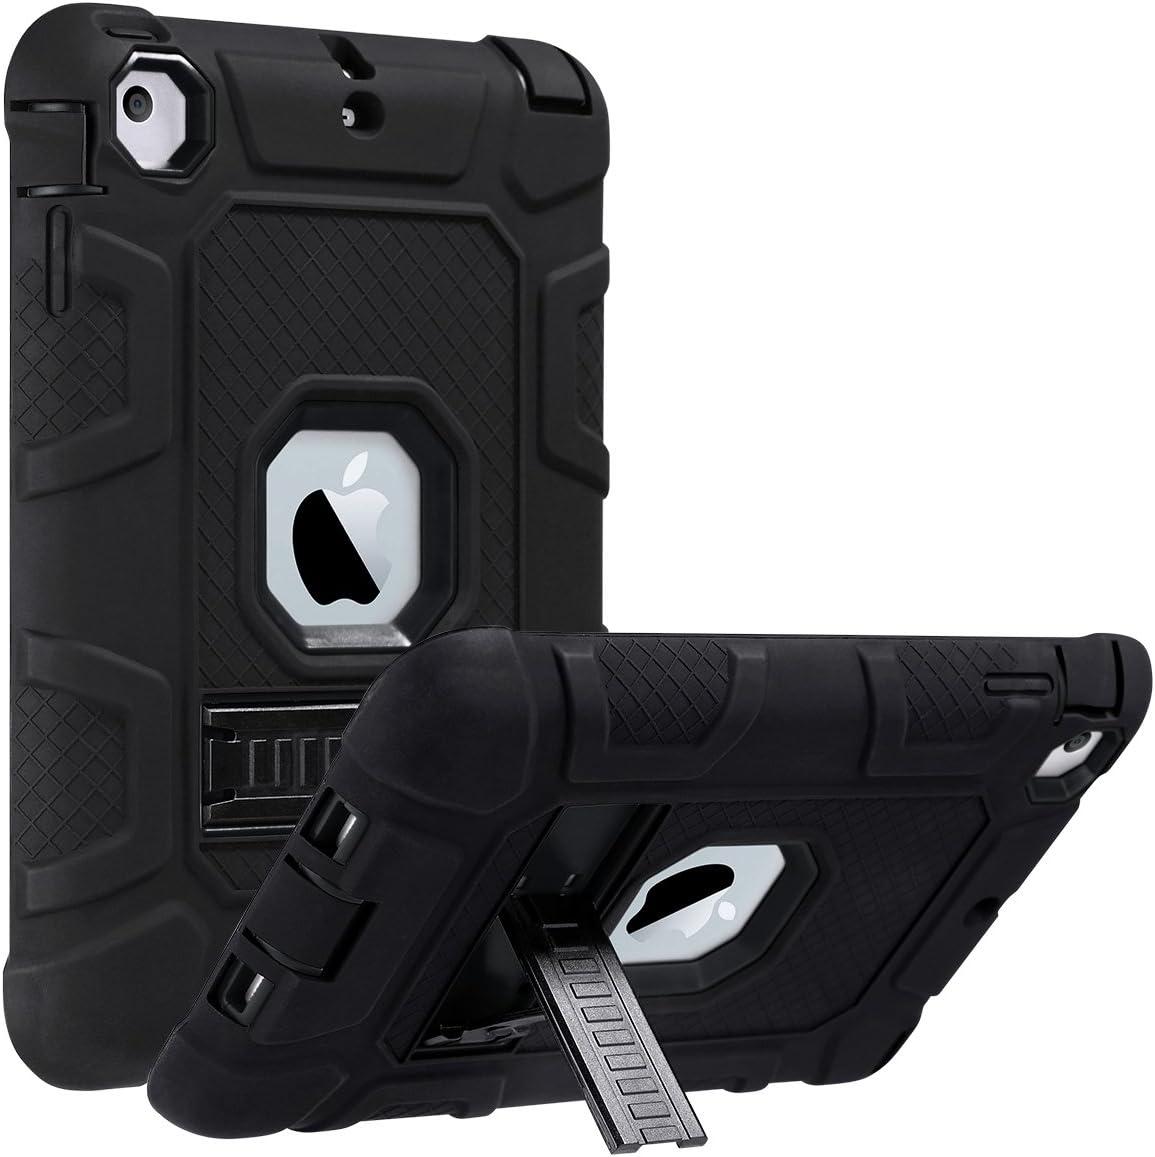 ULAK iPad Mini Case, iPad Mini 2 Case, iPad Mini 3 Case, iPad Mini Retina Case, Three Layer Heavy Duty Shockproof Protective Case for iPad Mini, iPad Mini 2, iPad Mini 3 with Kickstand (Black/Black)